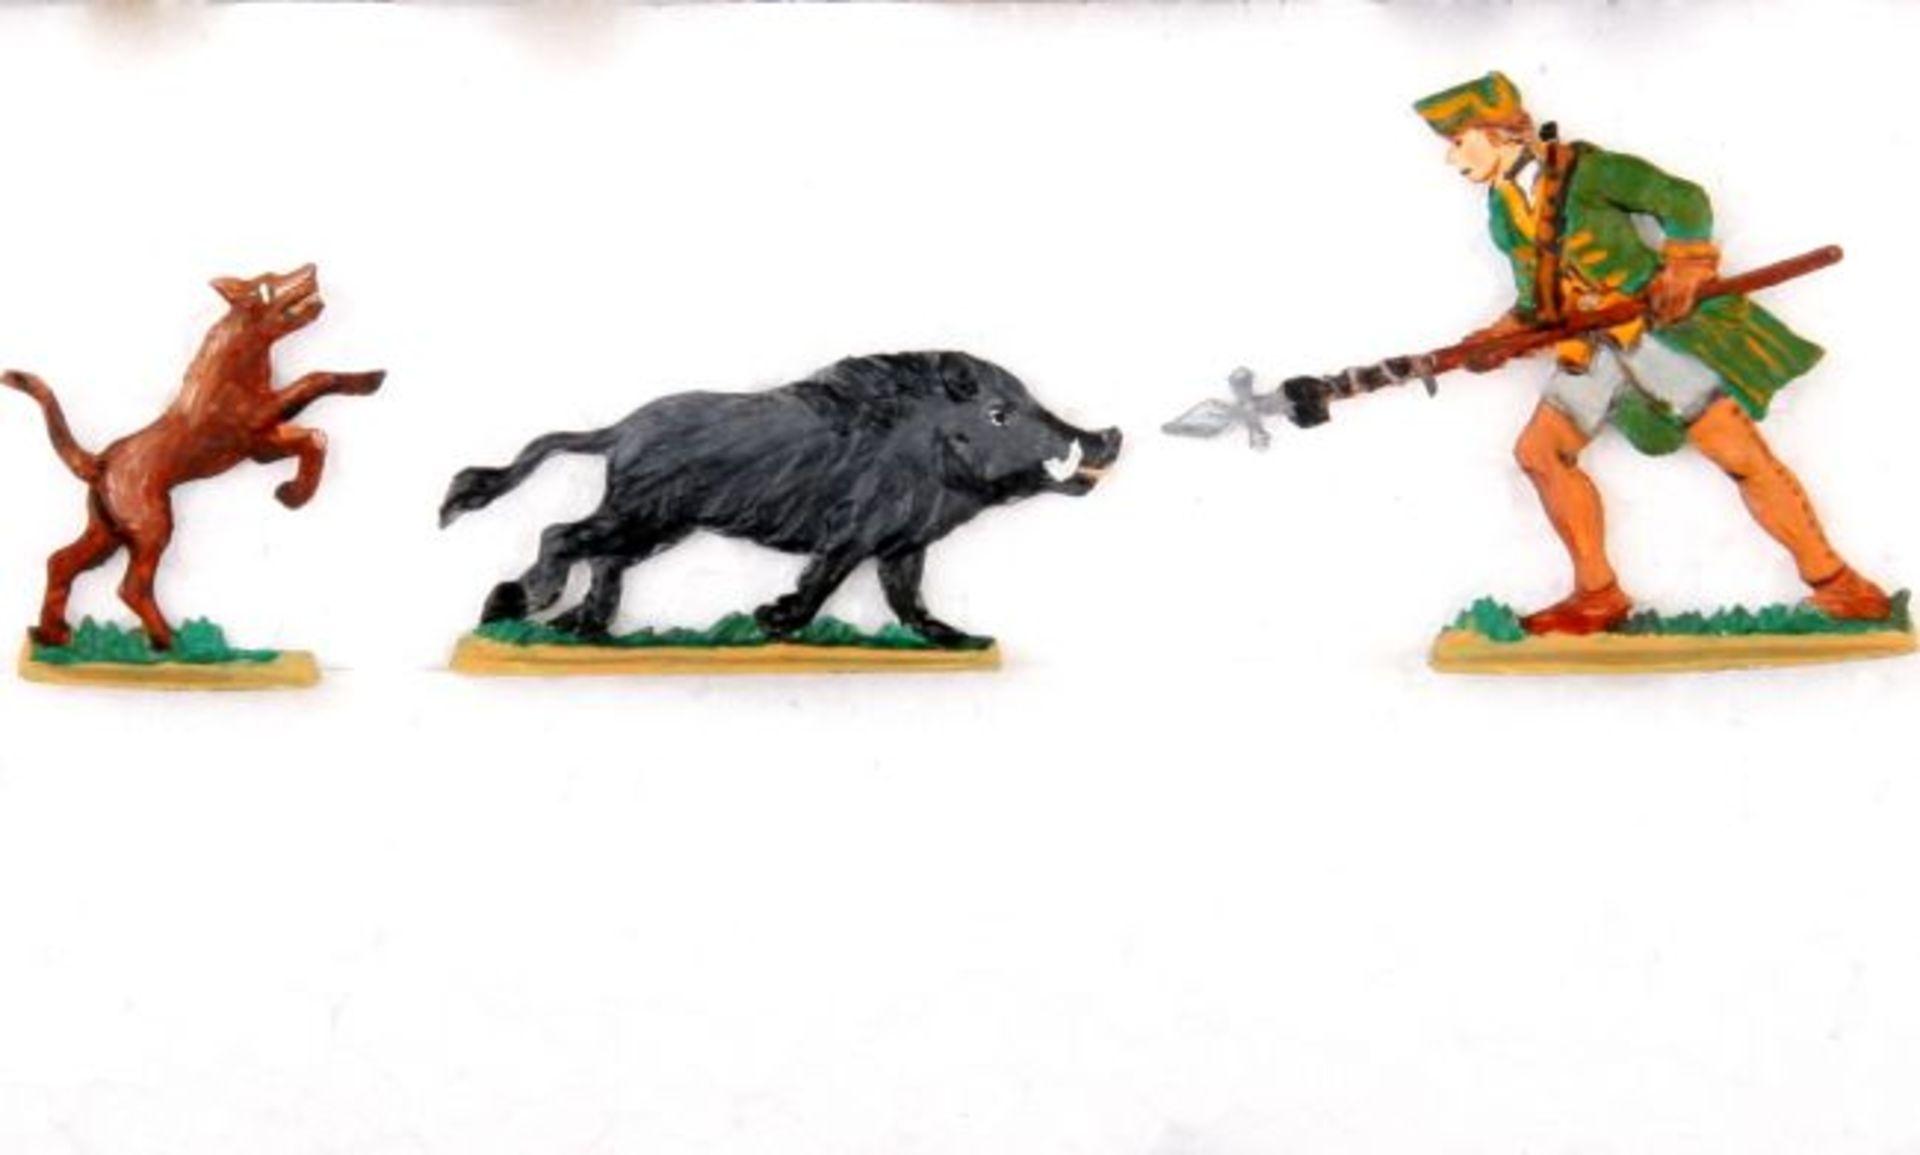 Jagd, Sauhatz im 18. Jahrhundert, Sonderfiguren der Klio-Landesgruppe Niedersachsen 1995, Grünewald,